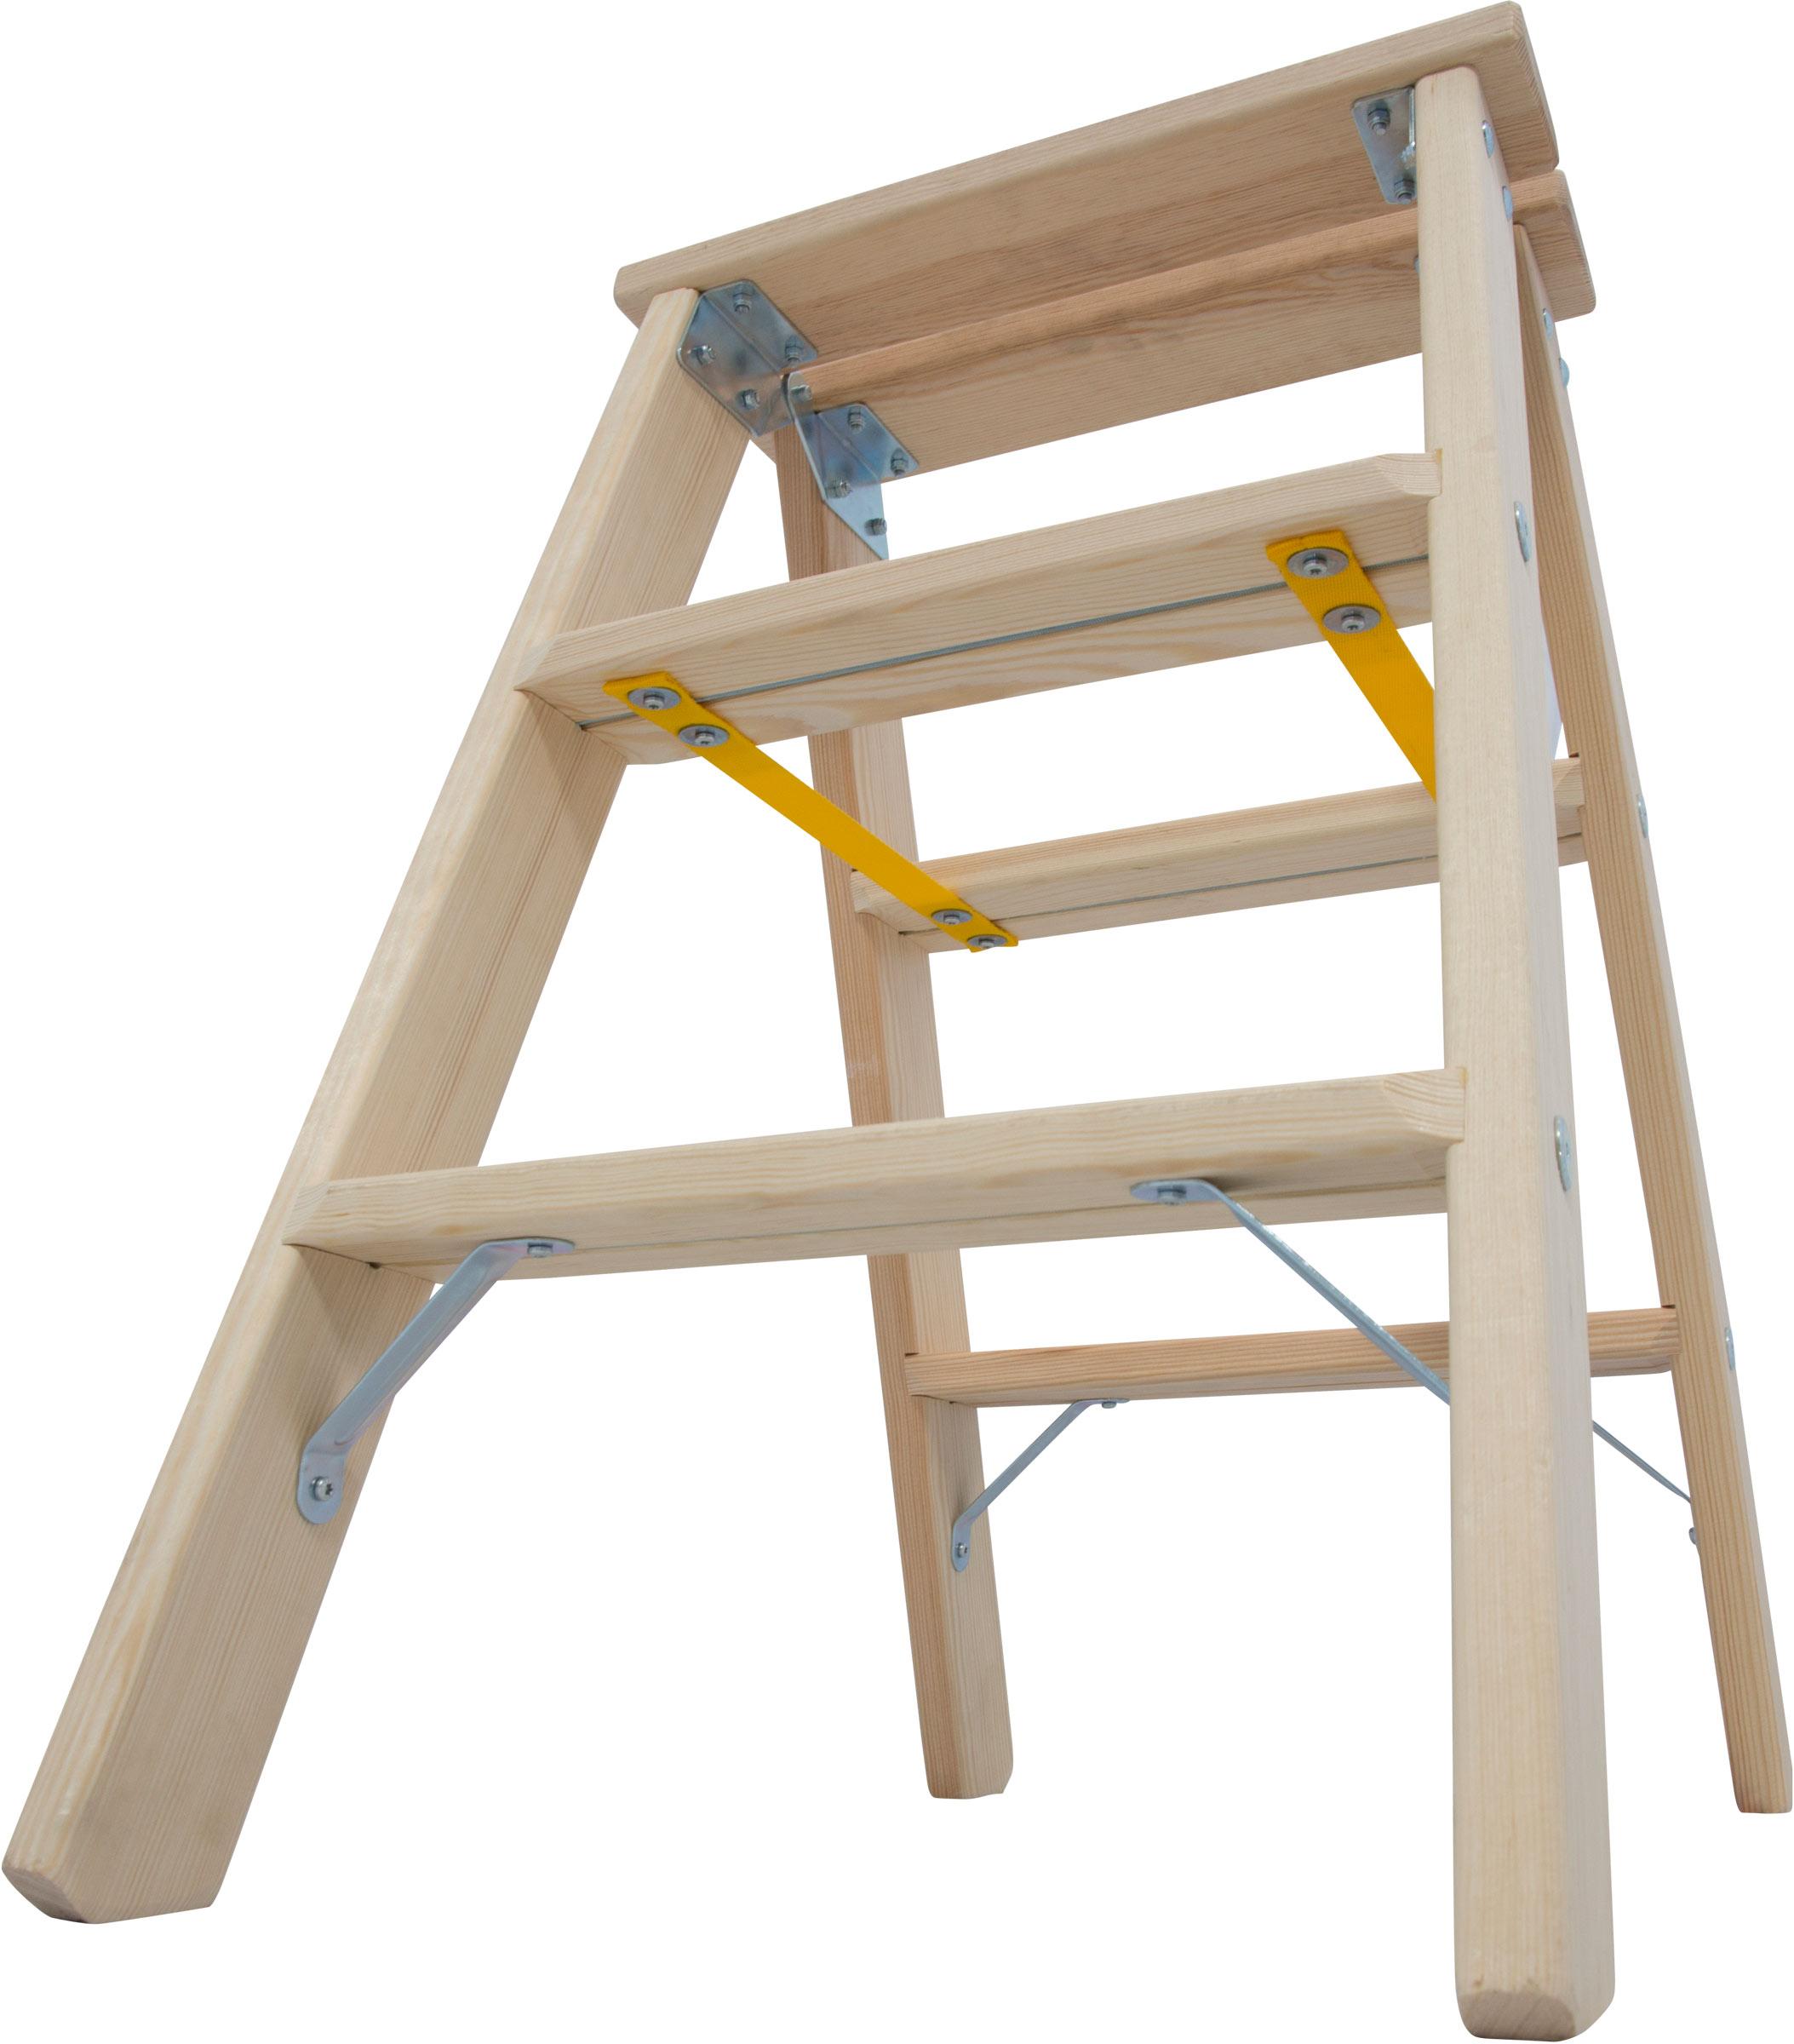 Krause Holz-Stufendoppelleiter 2x3 Stufen